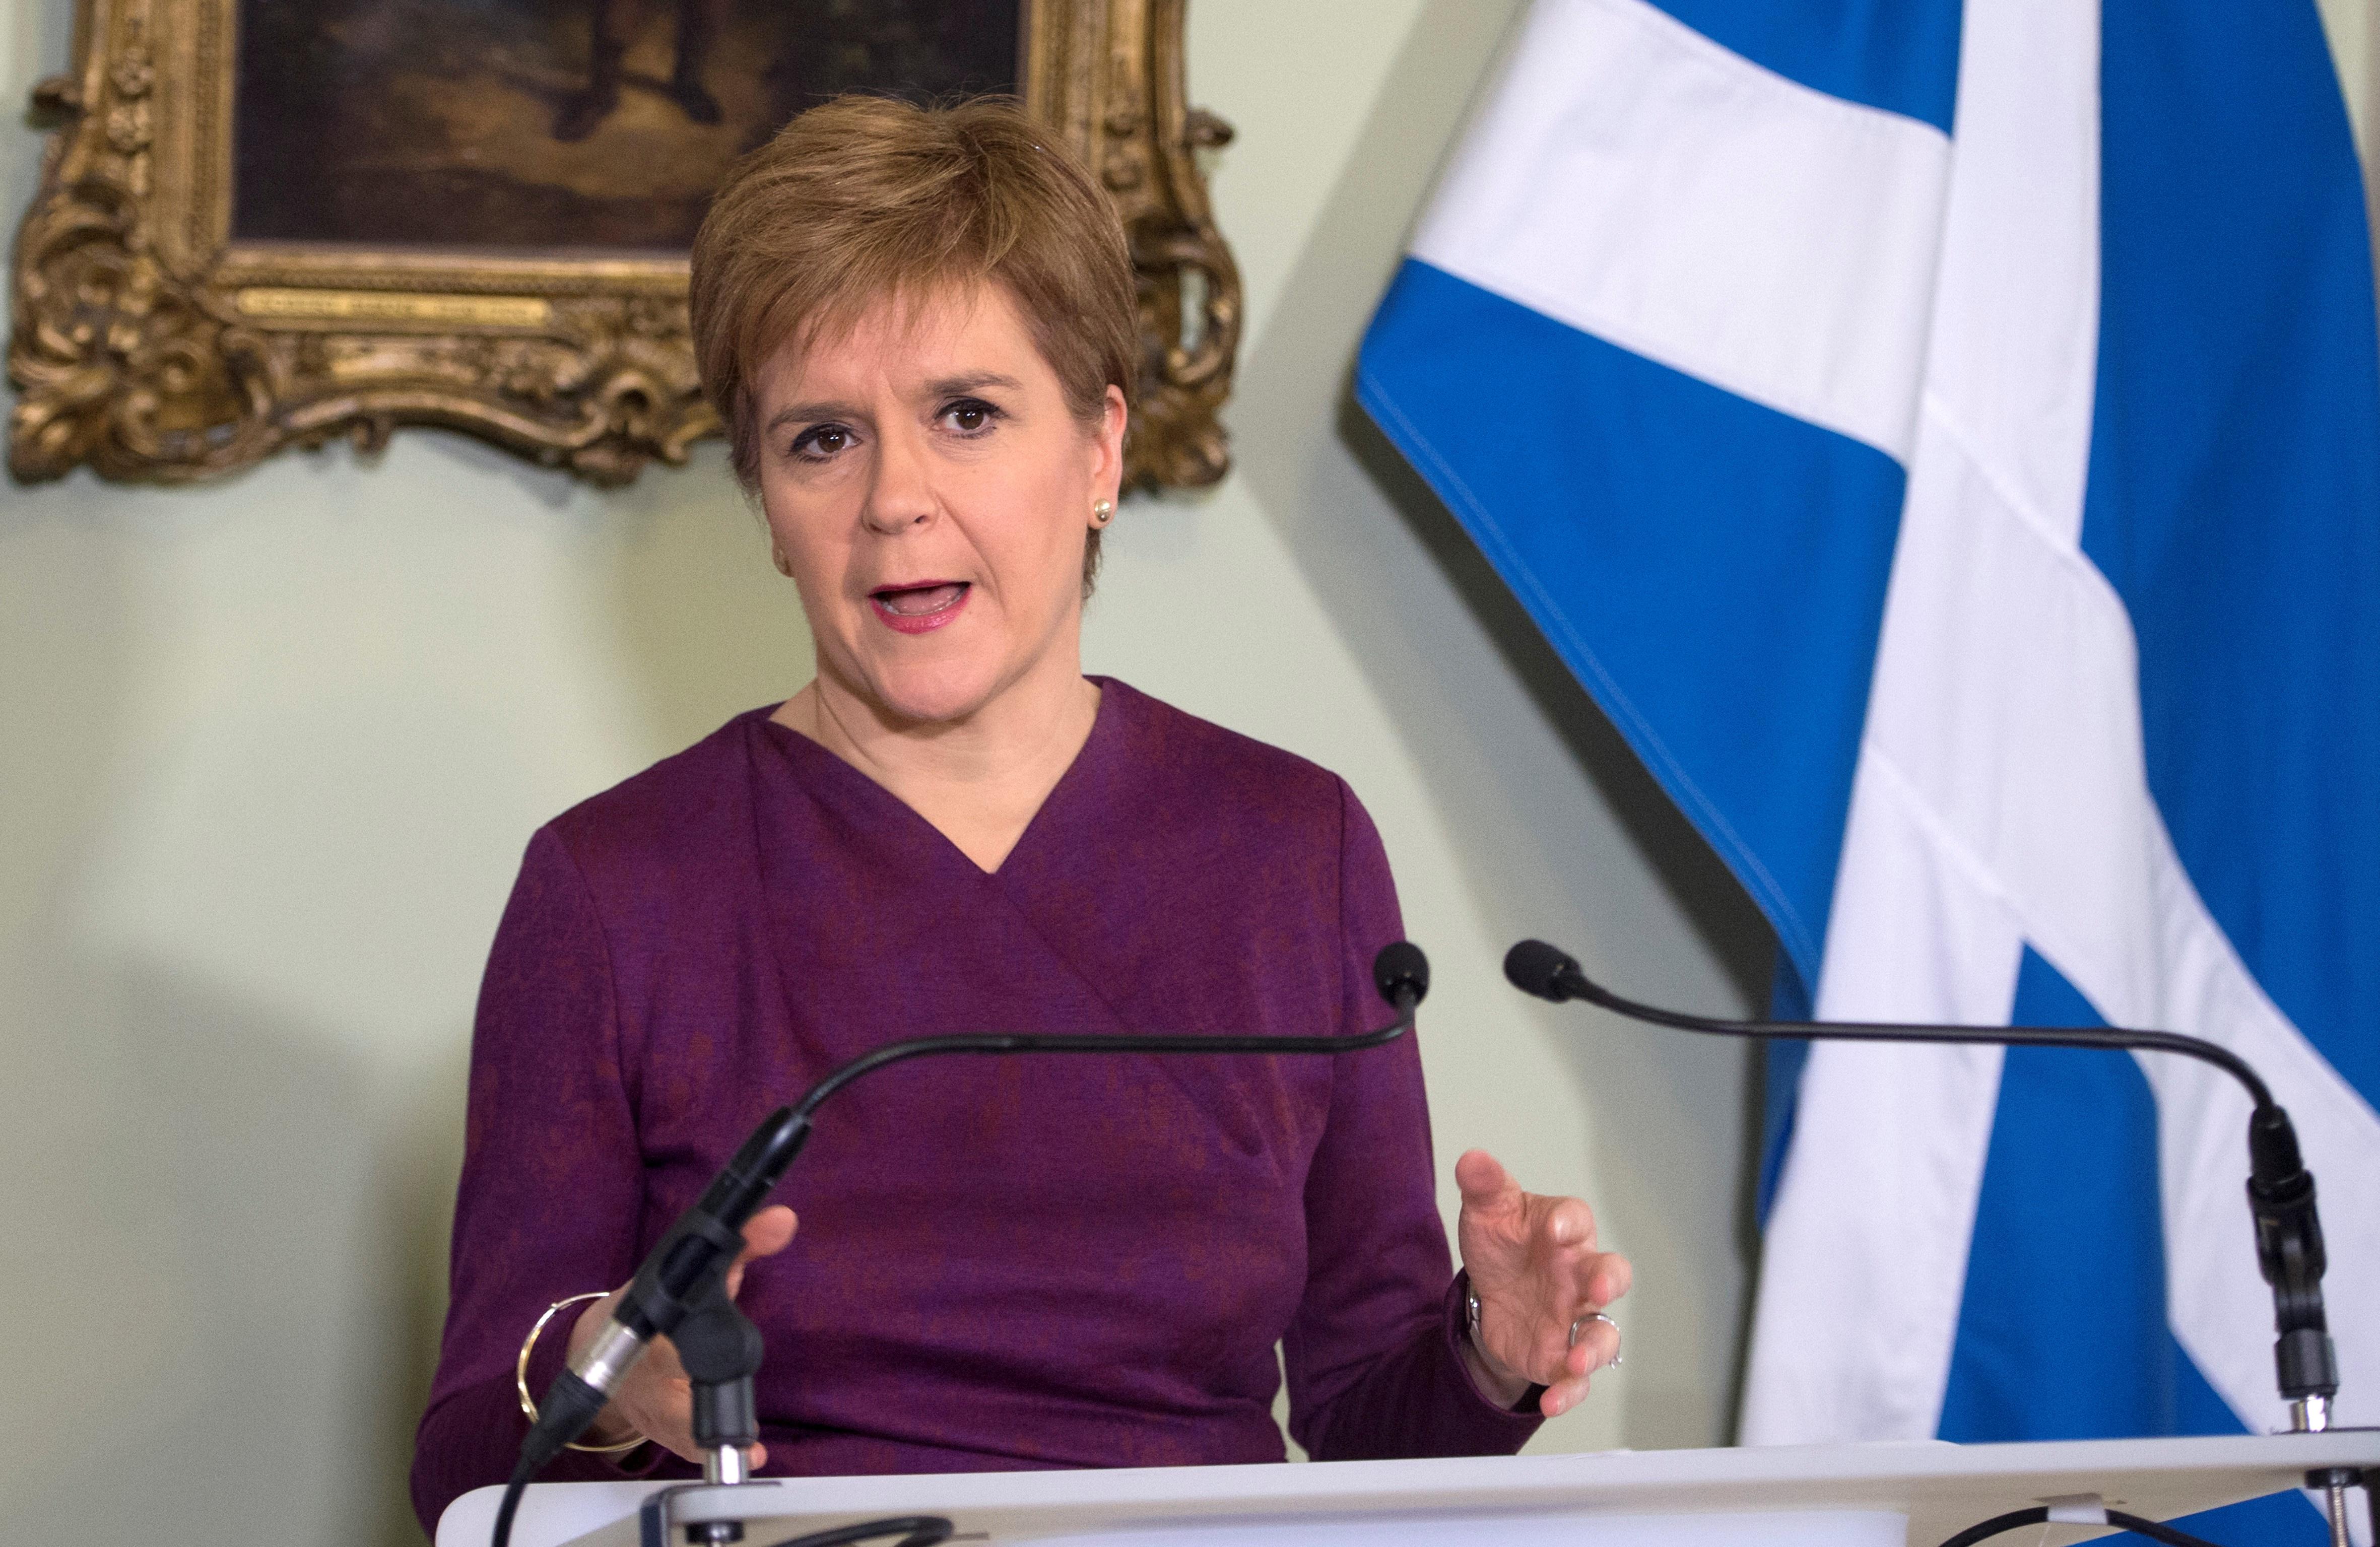 Ο Τζόνσον απέρριψε το αίτημα της Σκωτίας για δημοψήφισμα